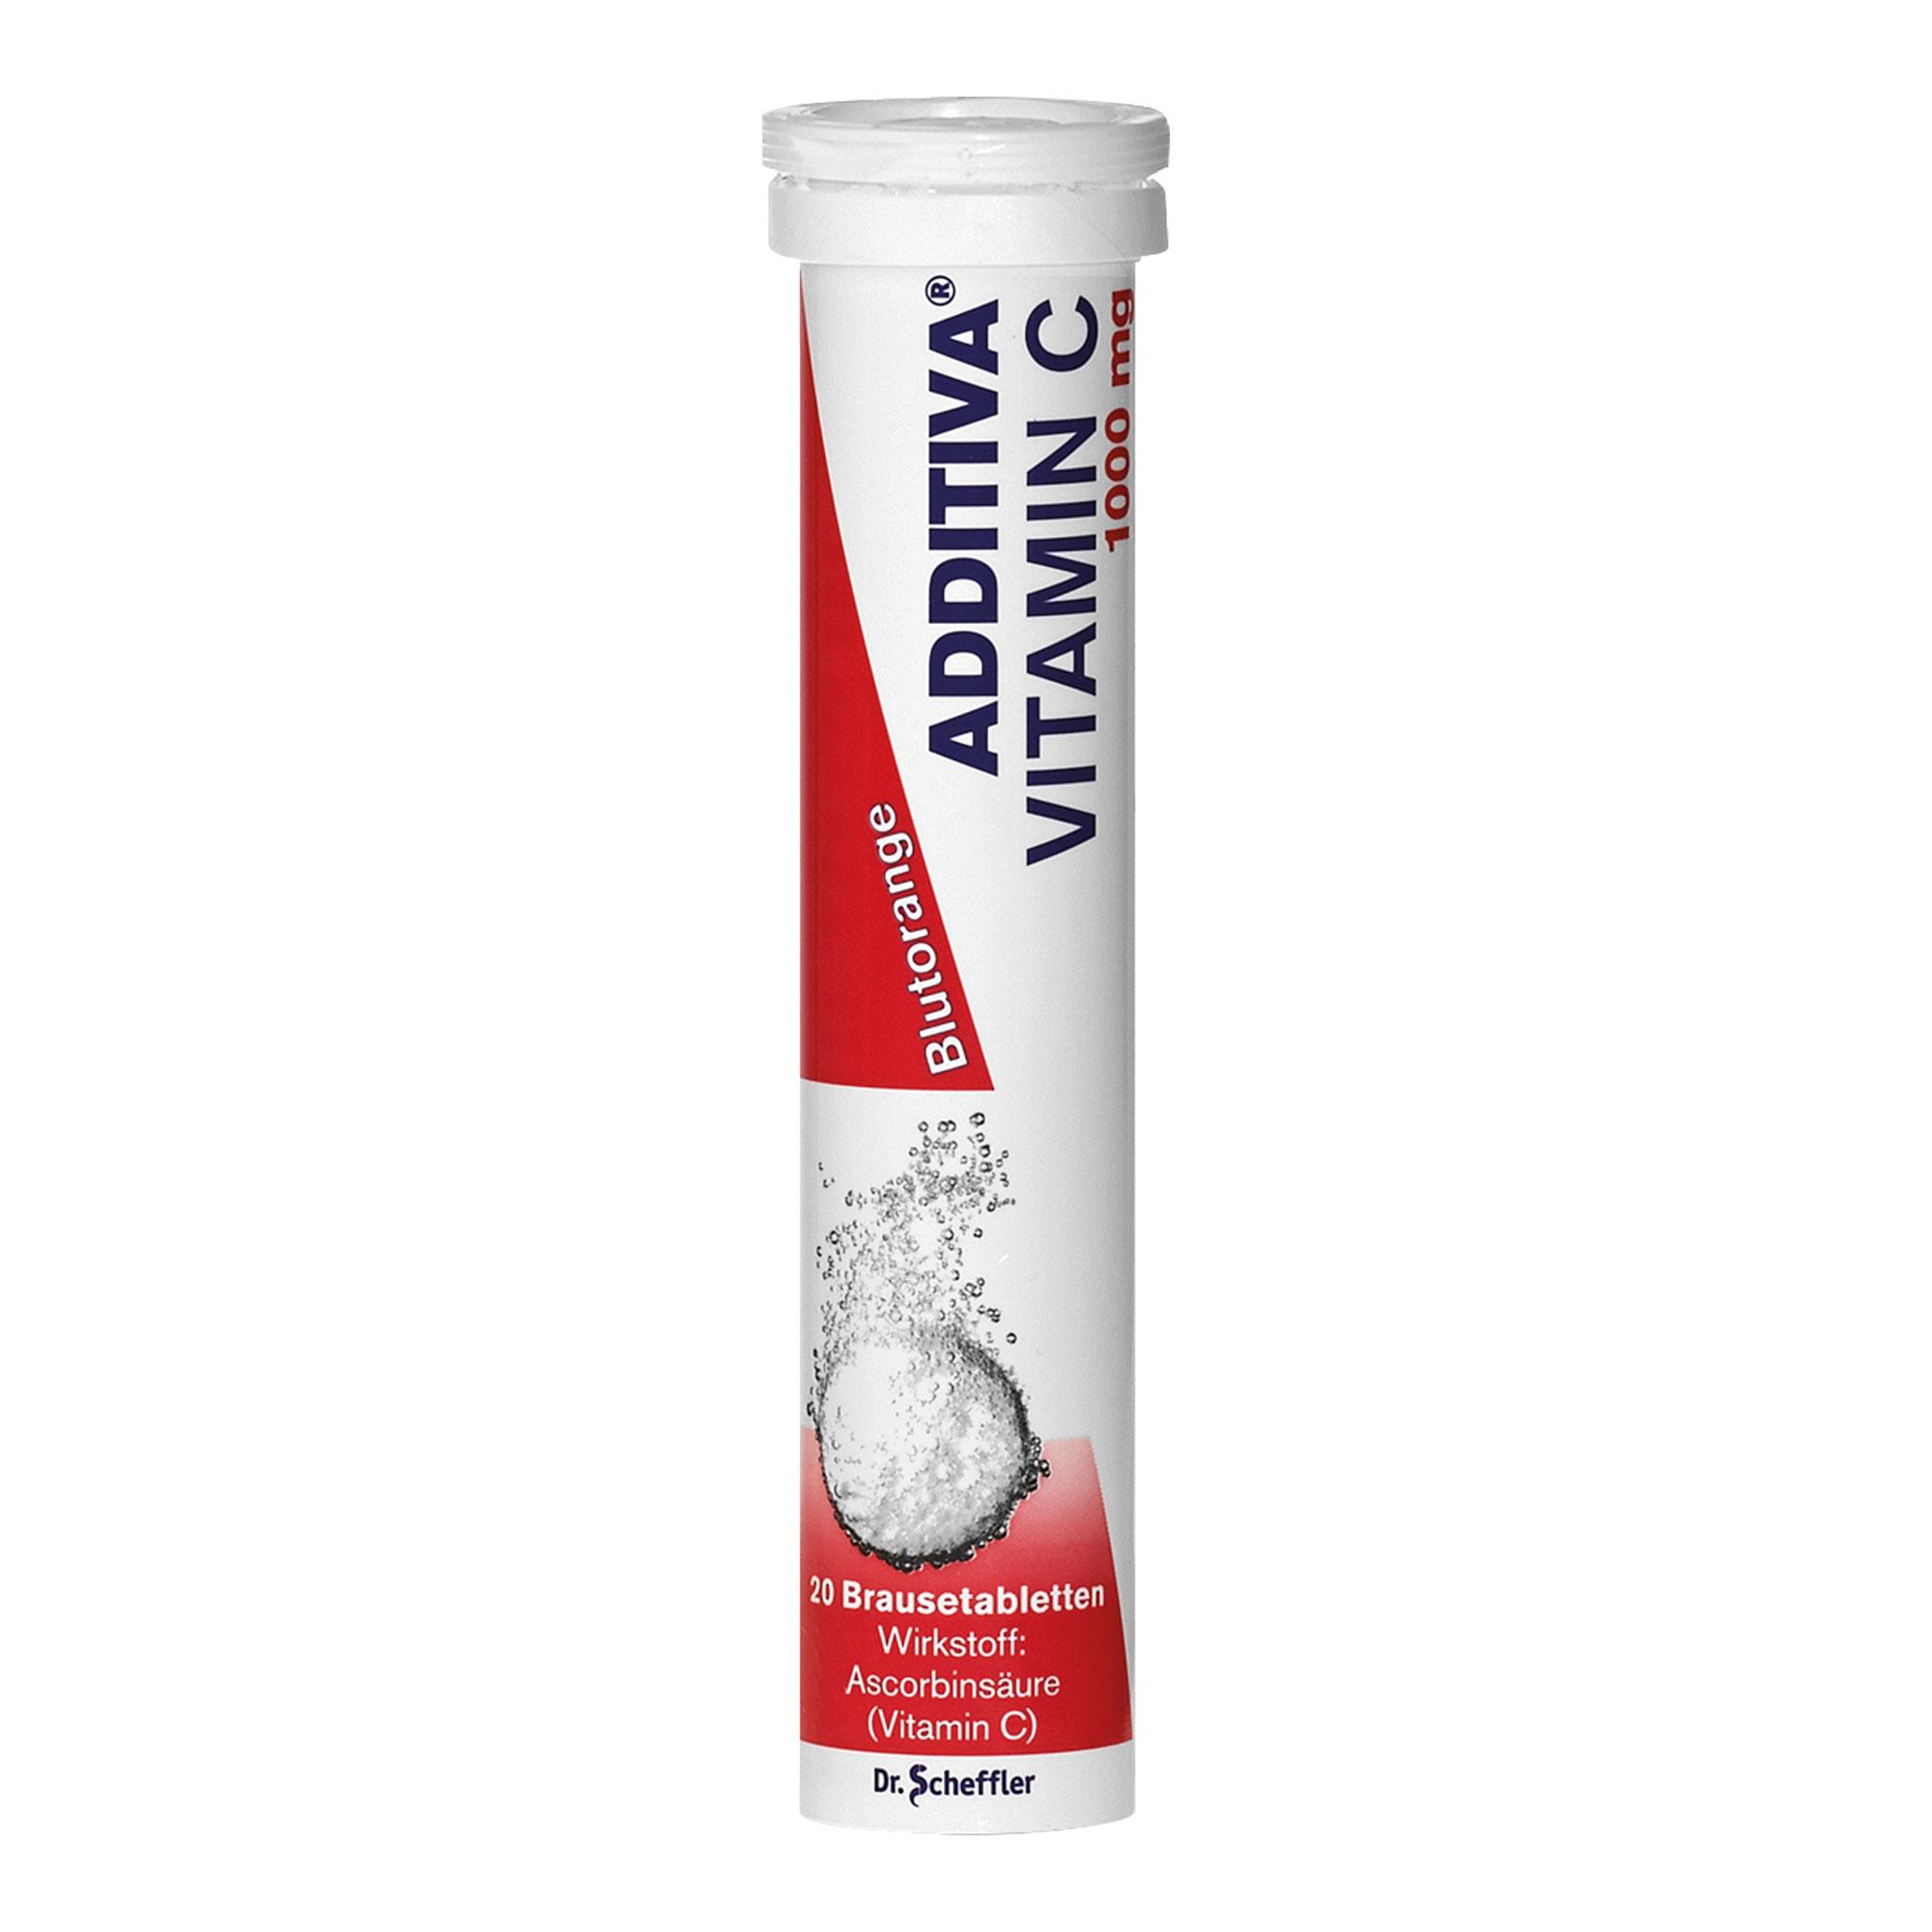 Additiva Vitamin C mit Blutorangengeschmack